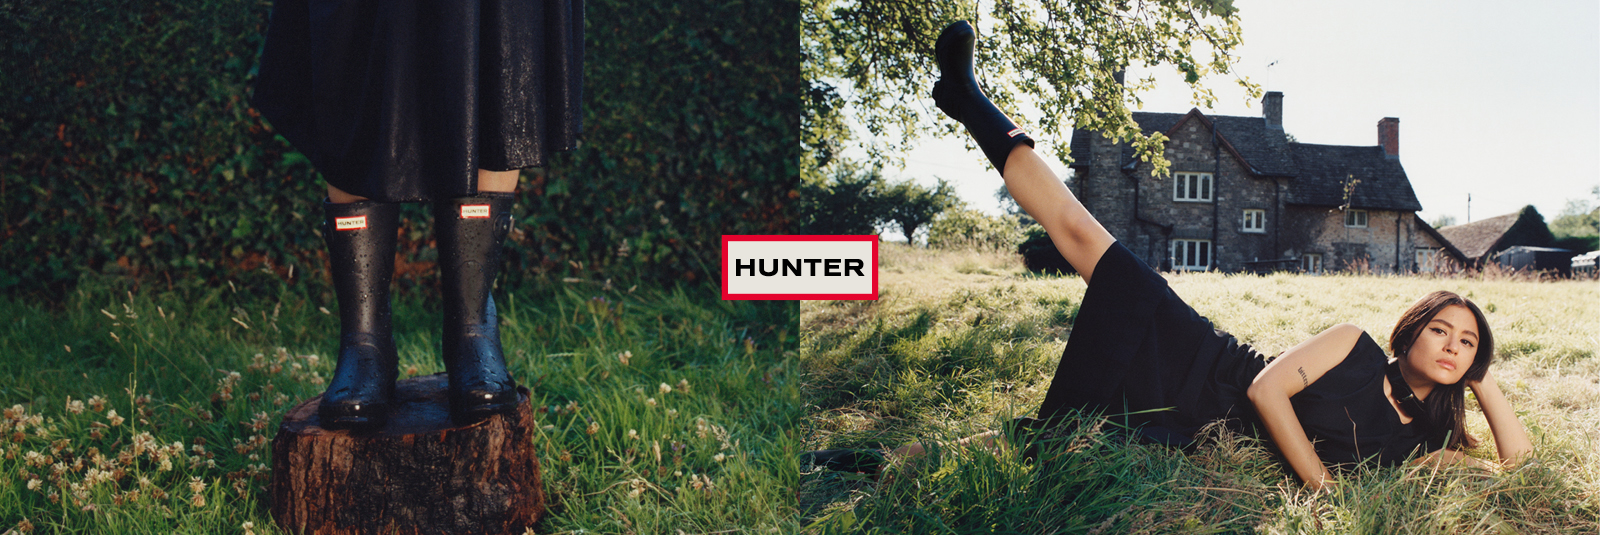 Hunter Banner